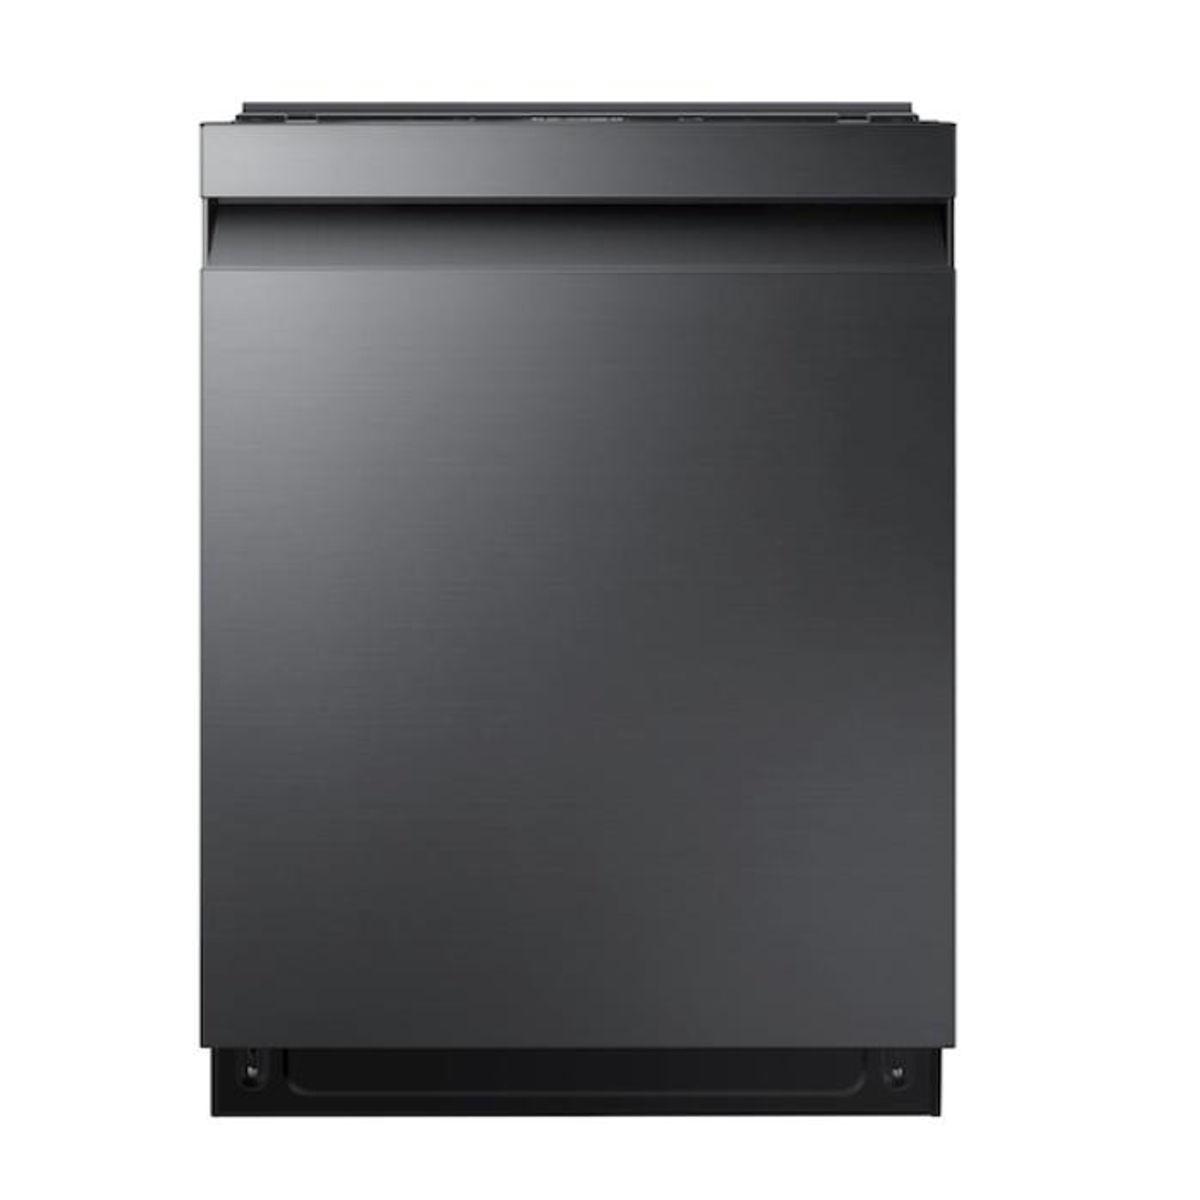 சேம்சங் DW80R7060US/AA Dishwasher